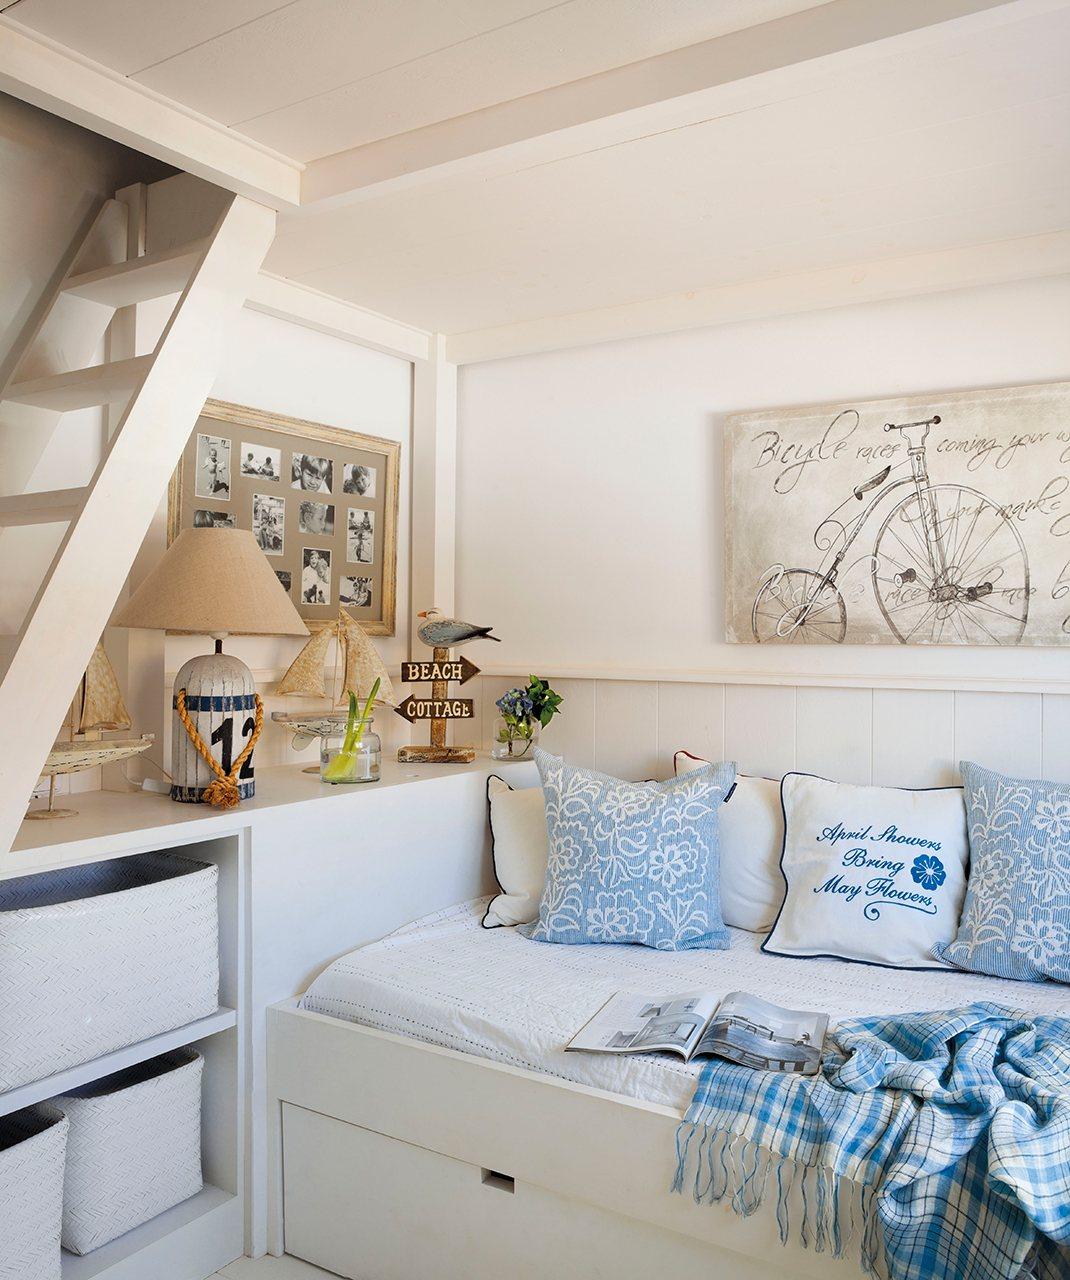 Muebles que aprovechan espacio - Muebles ibicencos ...